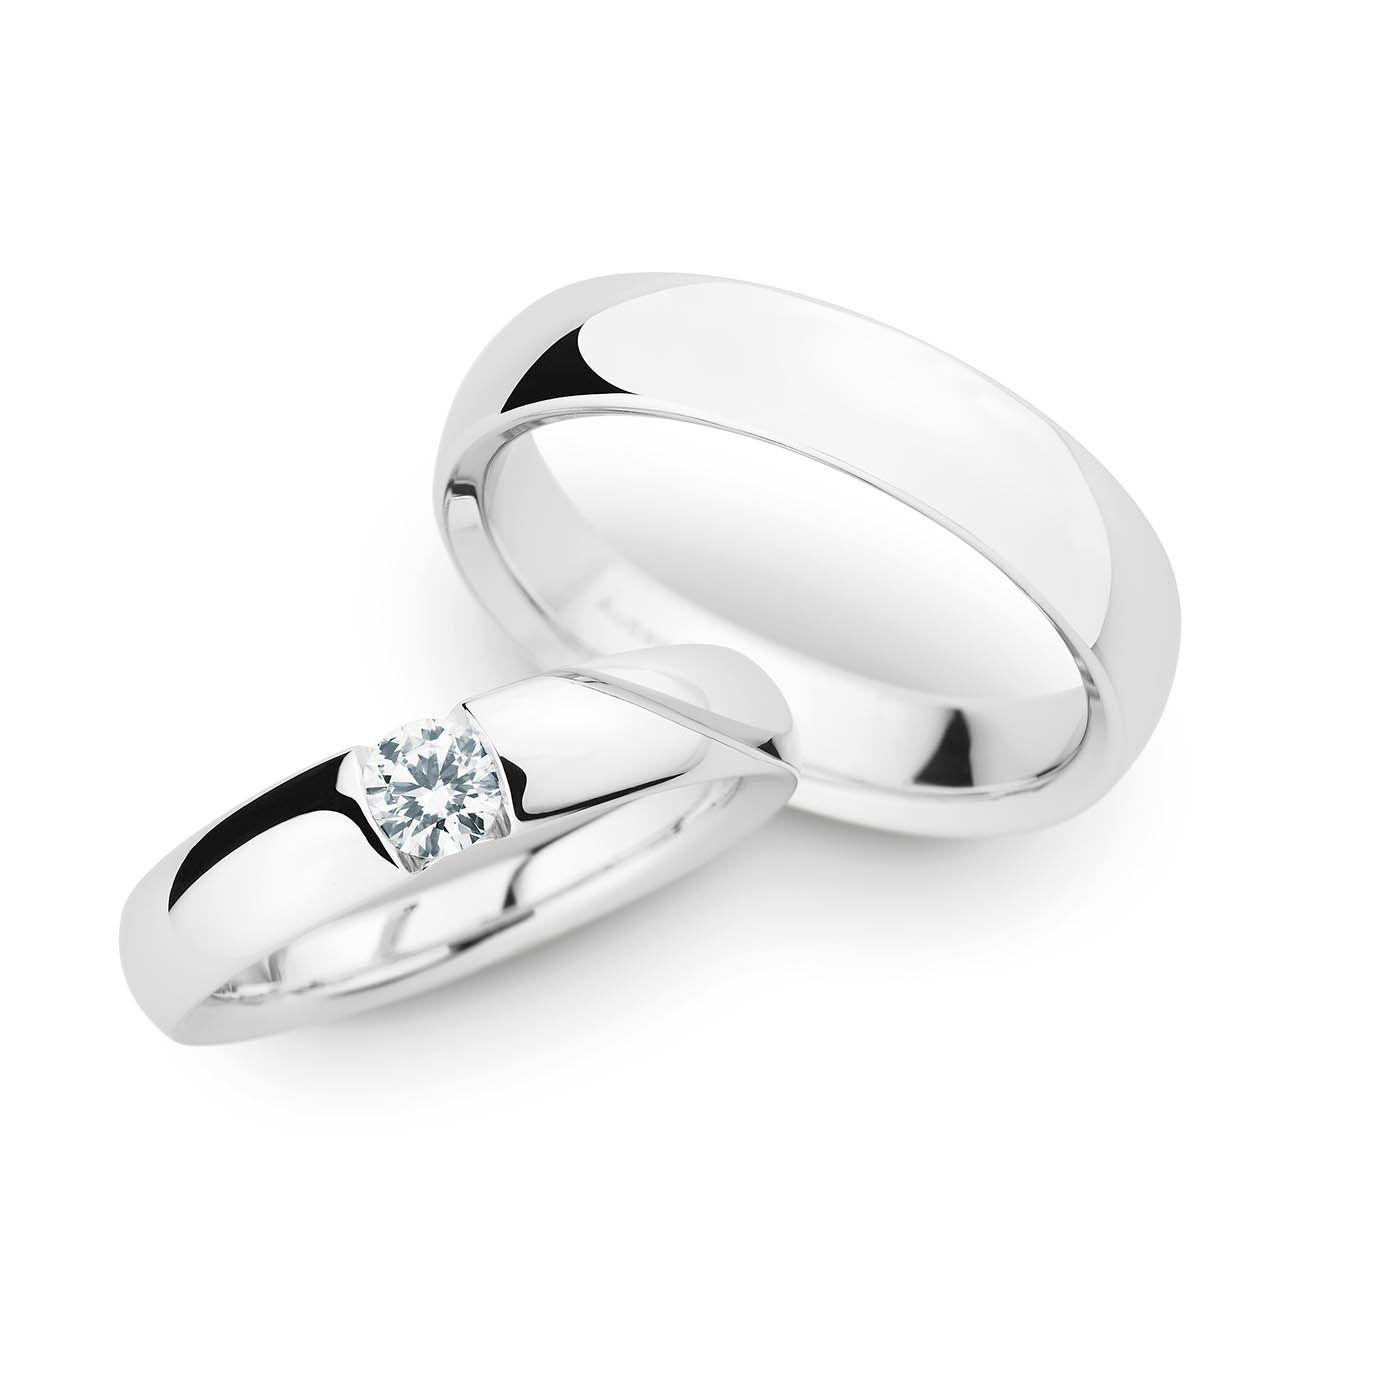 Eine unglaublich ästhetische Ringform, die den Solitär königlich zur Geltung bringt. Diesen Ring gibt es für viele unterschiedliche Steingrößen